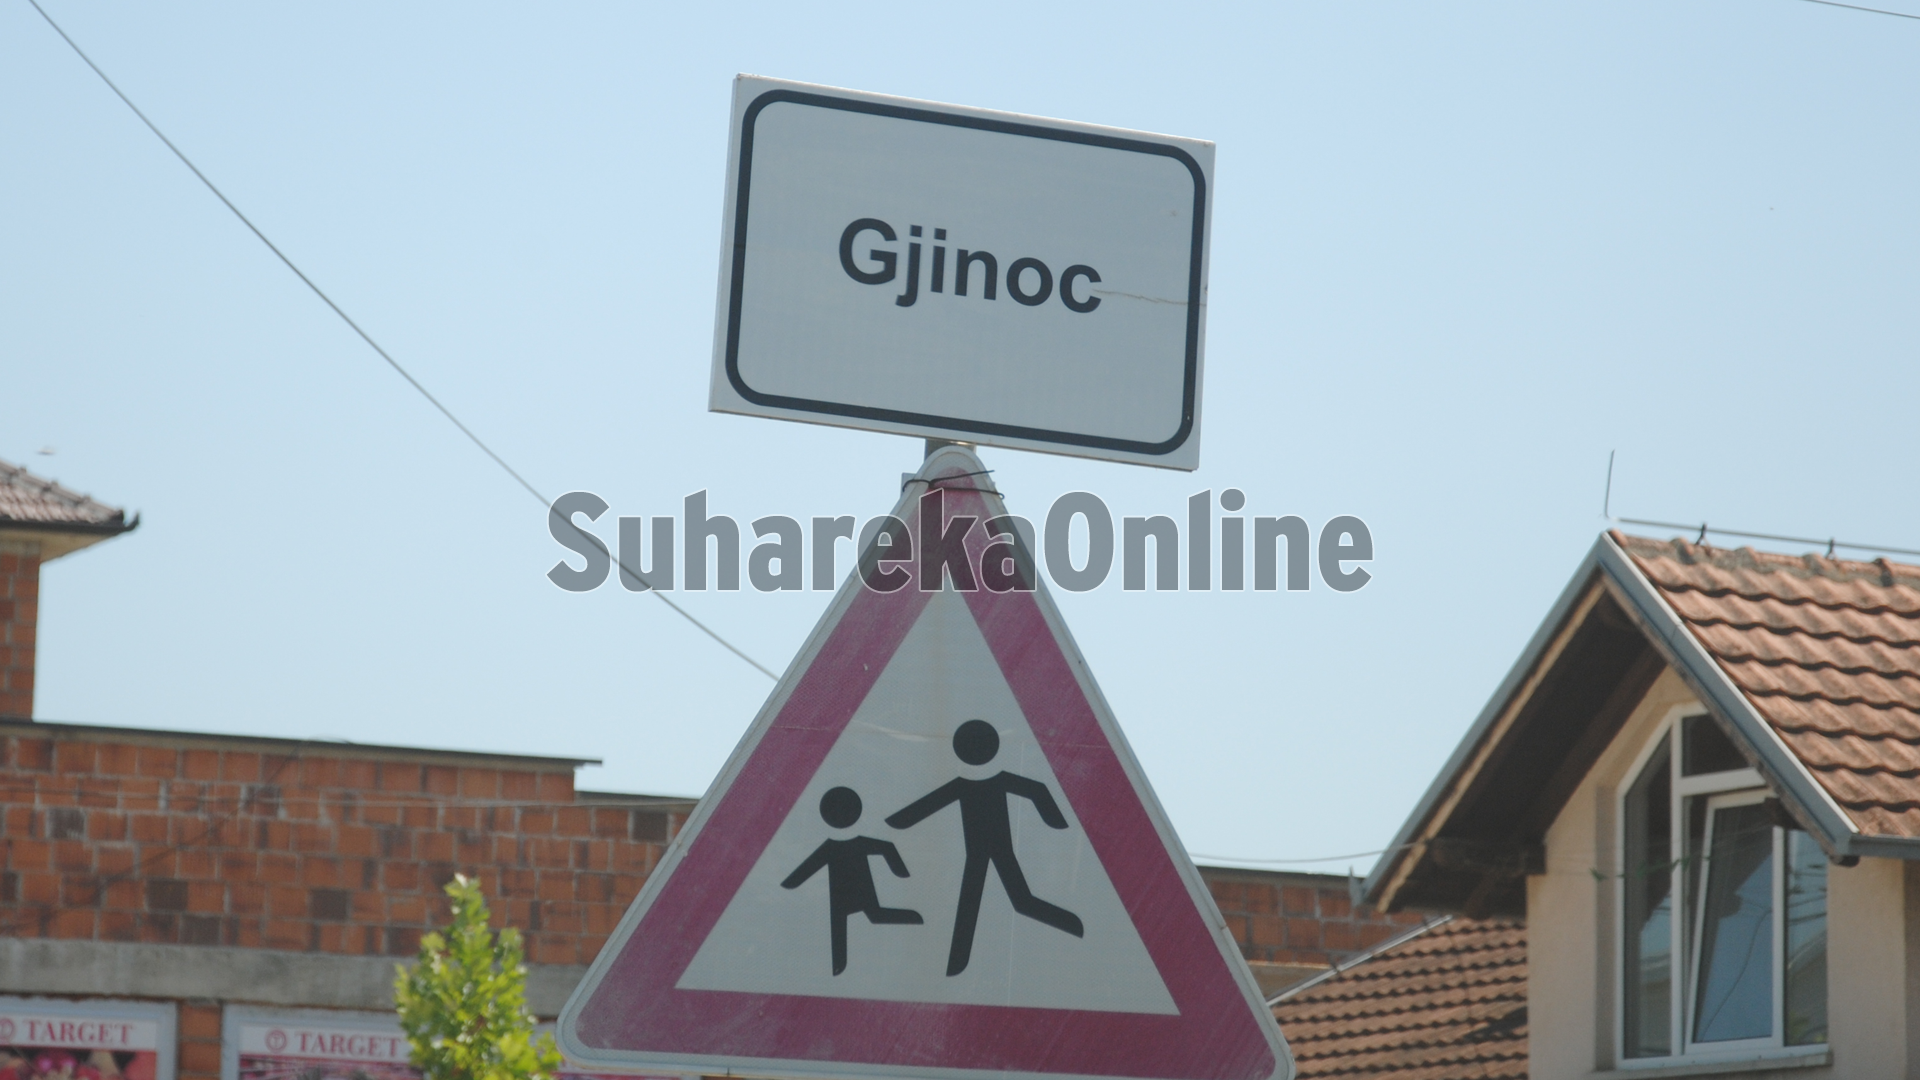 13 të infektuarit me COVID-19 në Komunën e Suharekës janë nga këto 9 fshatra